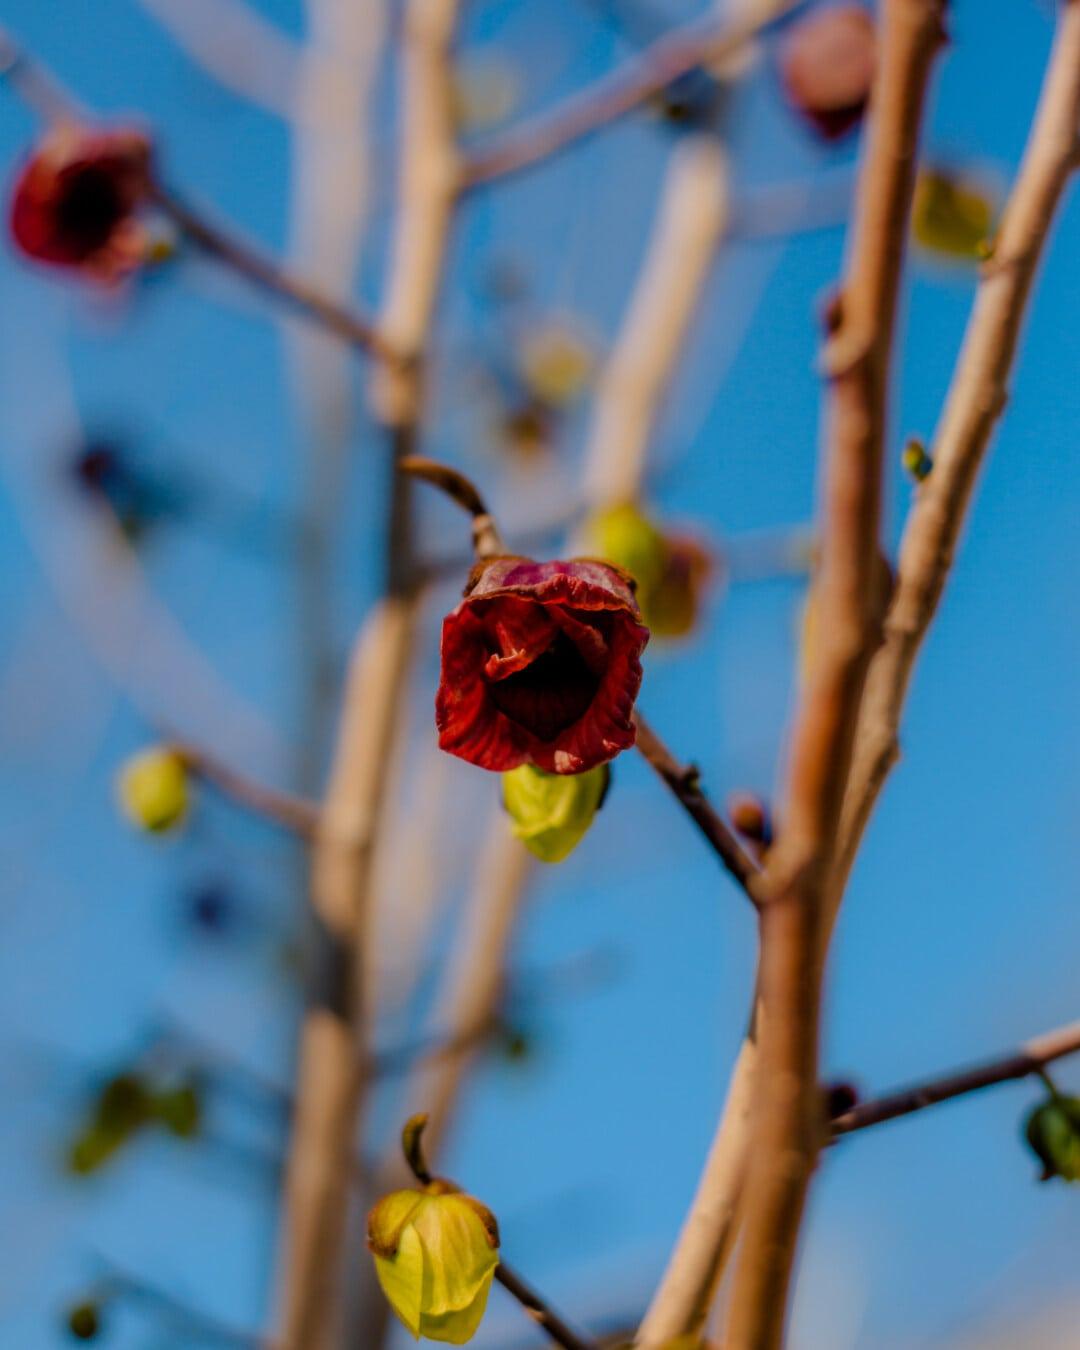 Blütenknospe, im freien, Struktur, Natur, Ast, Blatt, Blume, Schönwetter, blauer Himmel, hell